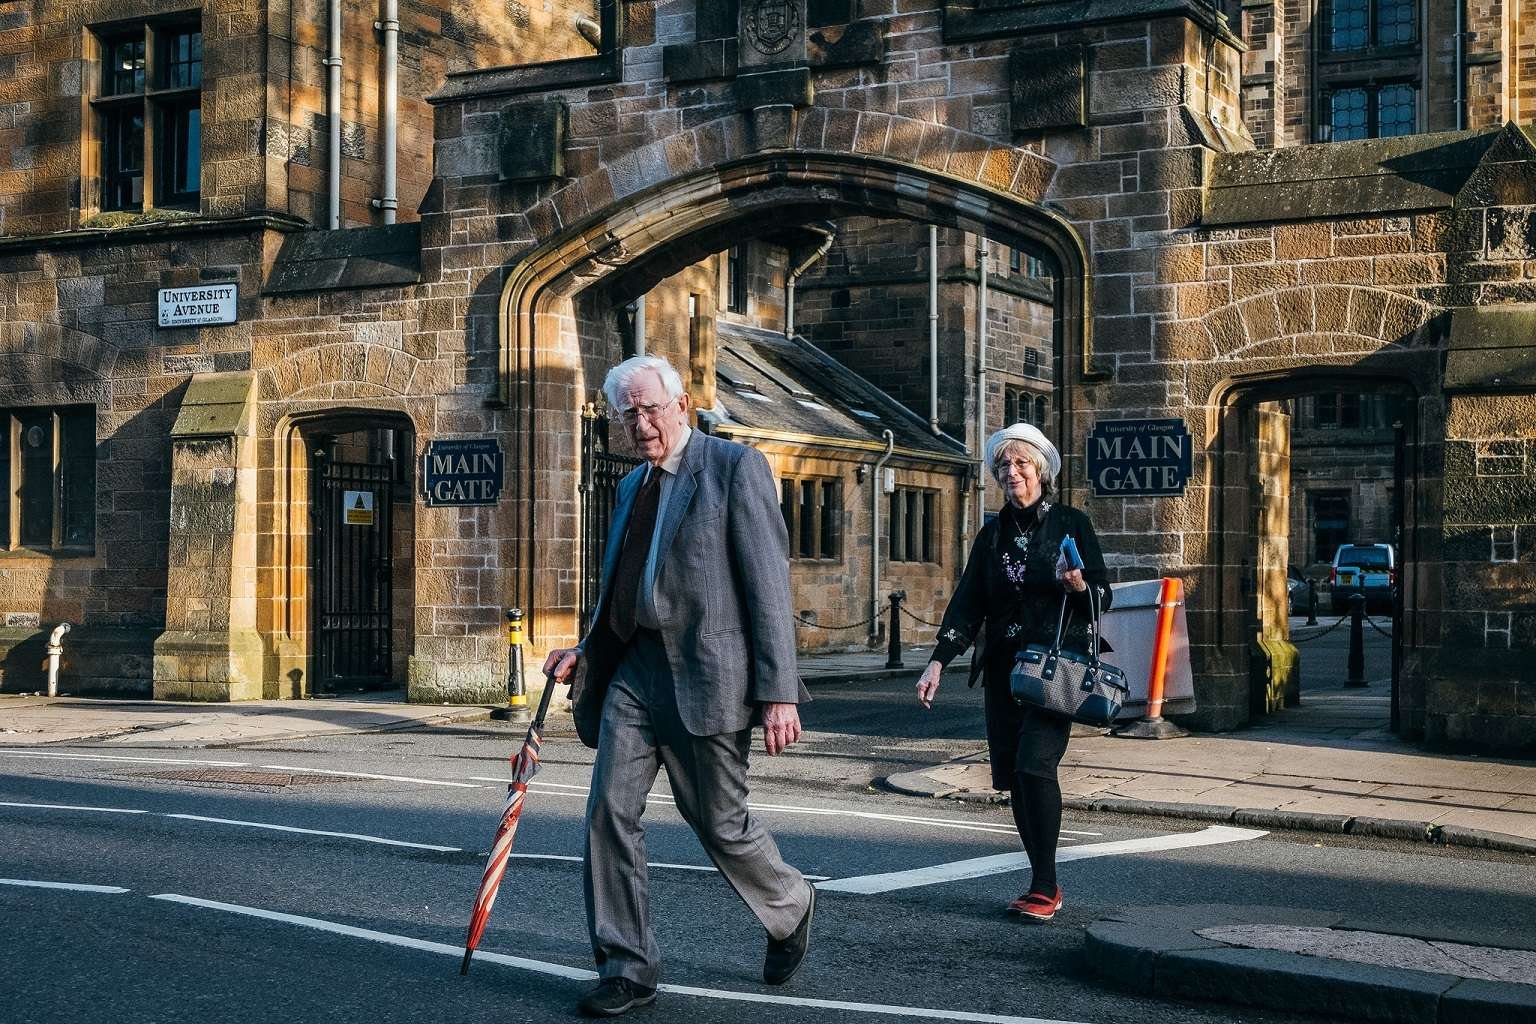 La marche rapide et prolongée pourrait être source de bienfaits cardiovasculaires chez les seniors. © Jack Sirichumsaeng, Flickr, CC by-nc 2.0